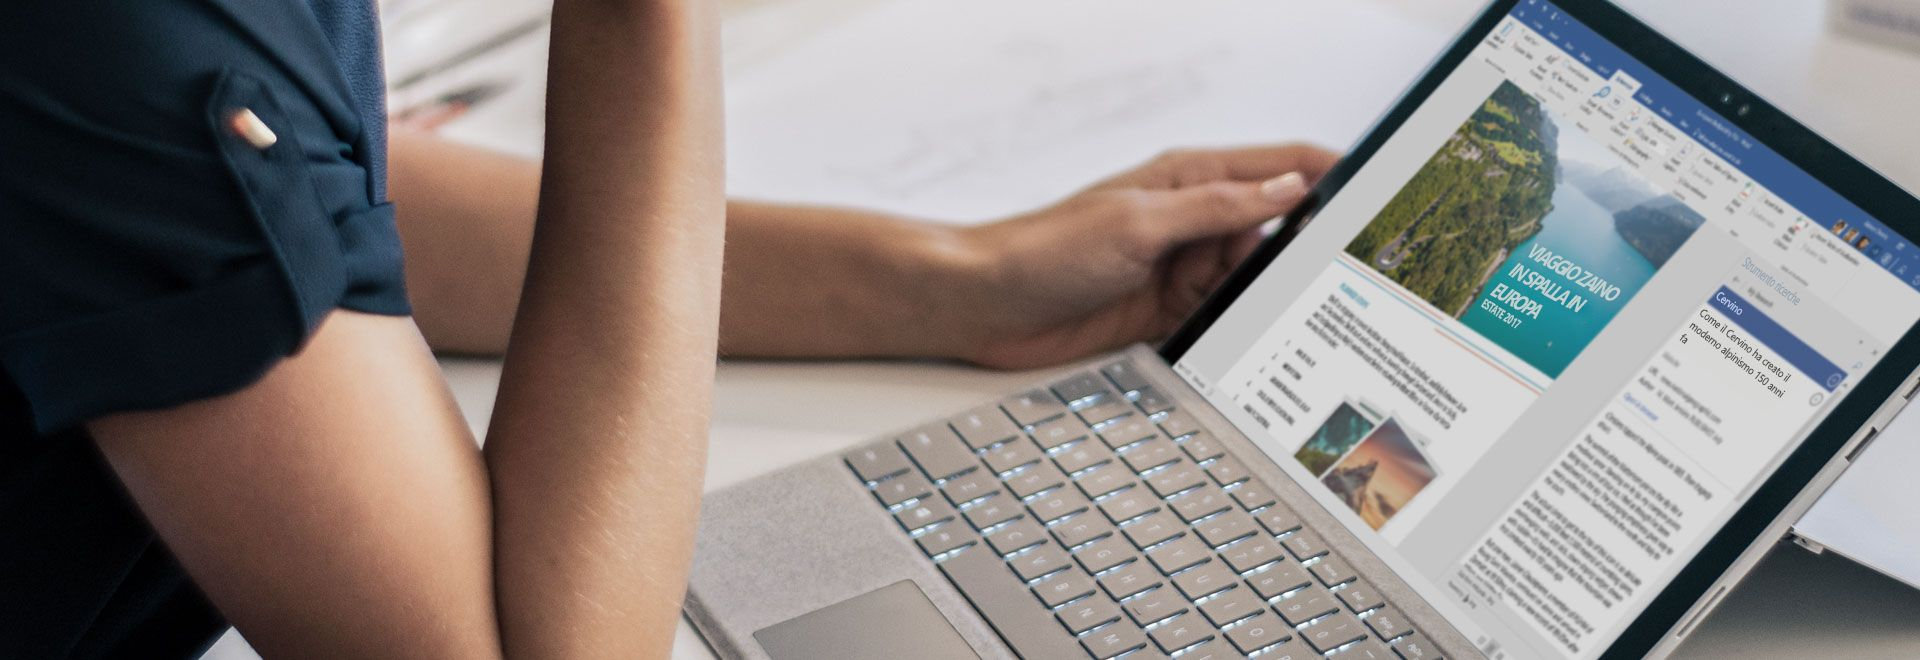 Tablet Microsoft Surface che visualizza un documento di Word su un viaggio zaino in spalla in Europa con Strumento ricerche Word aperto